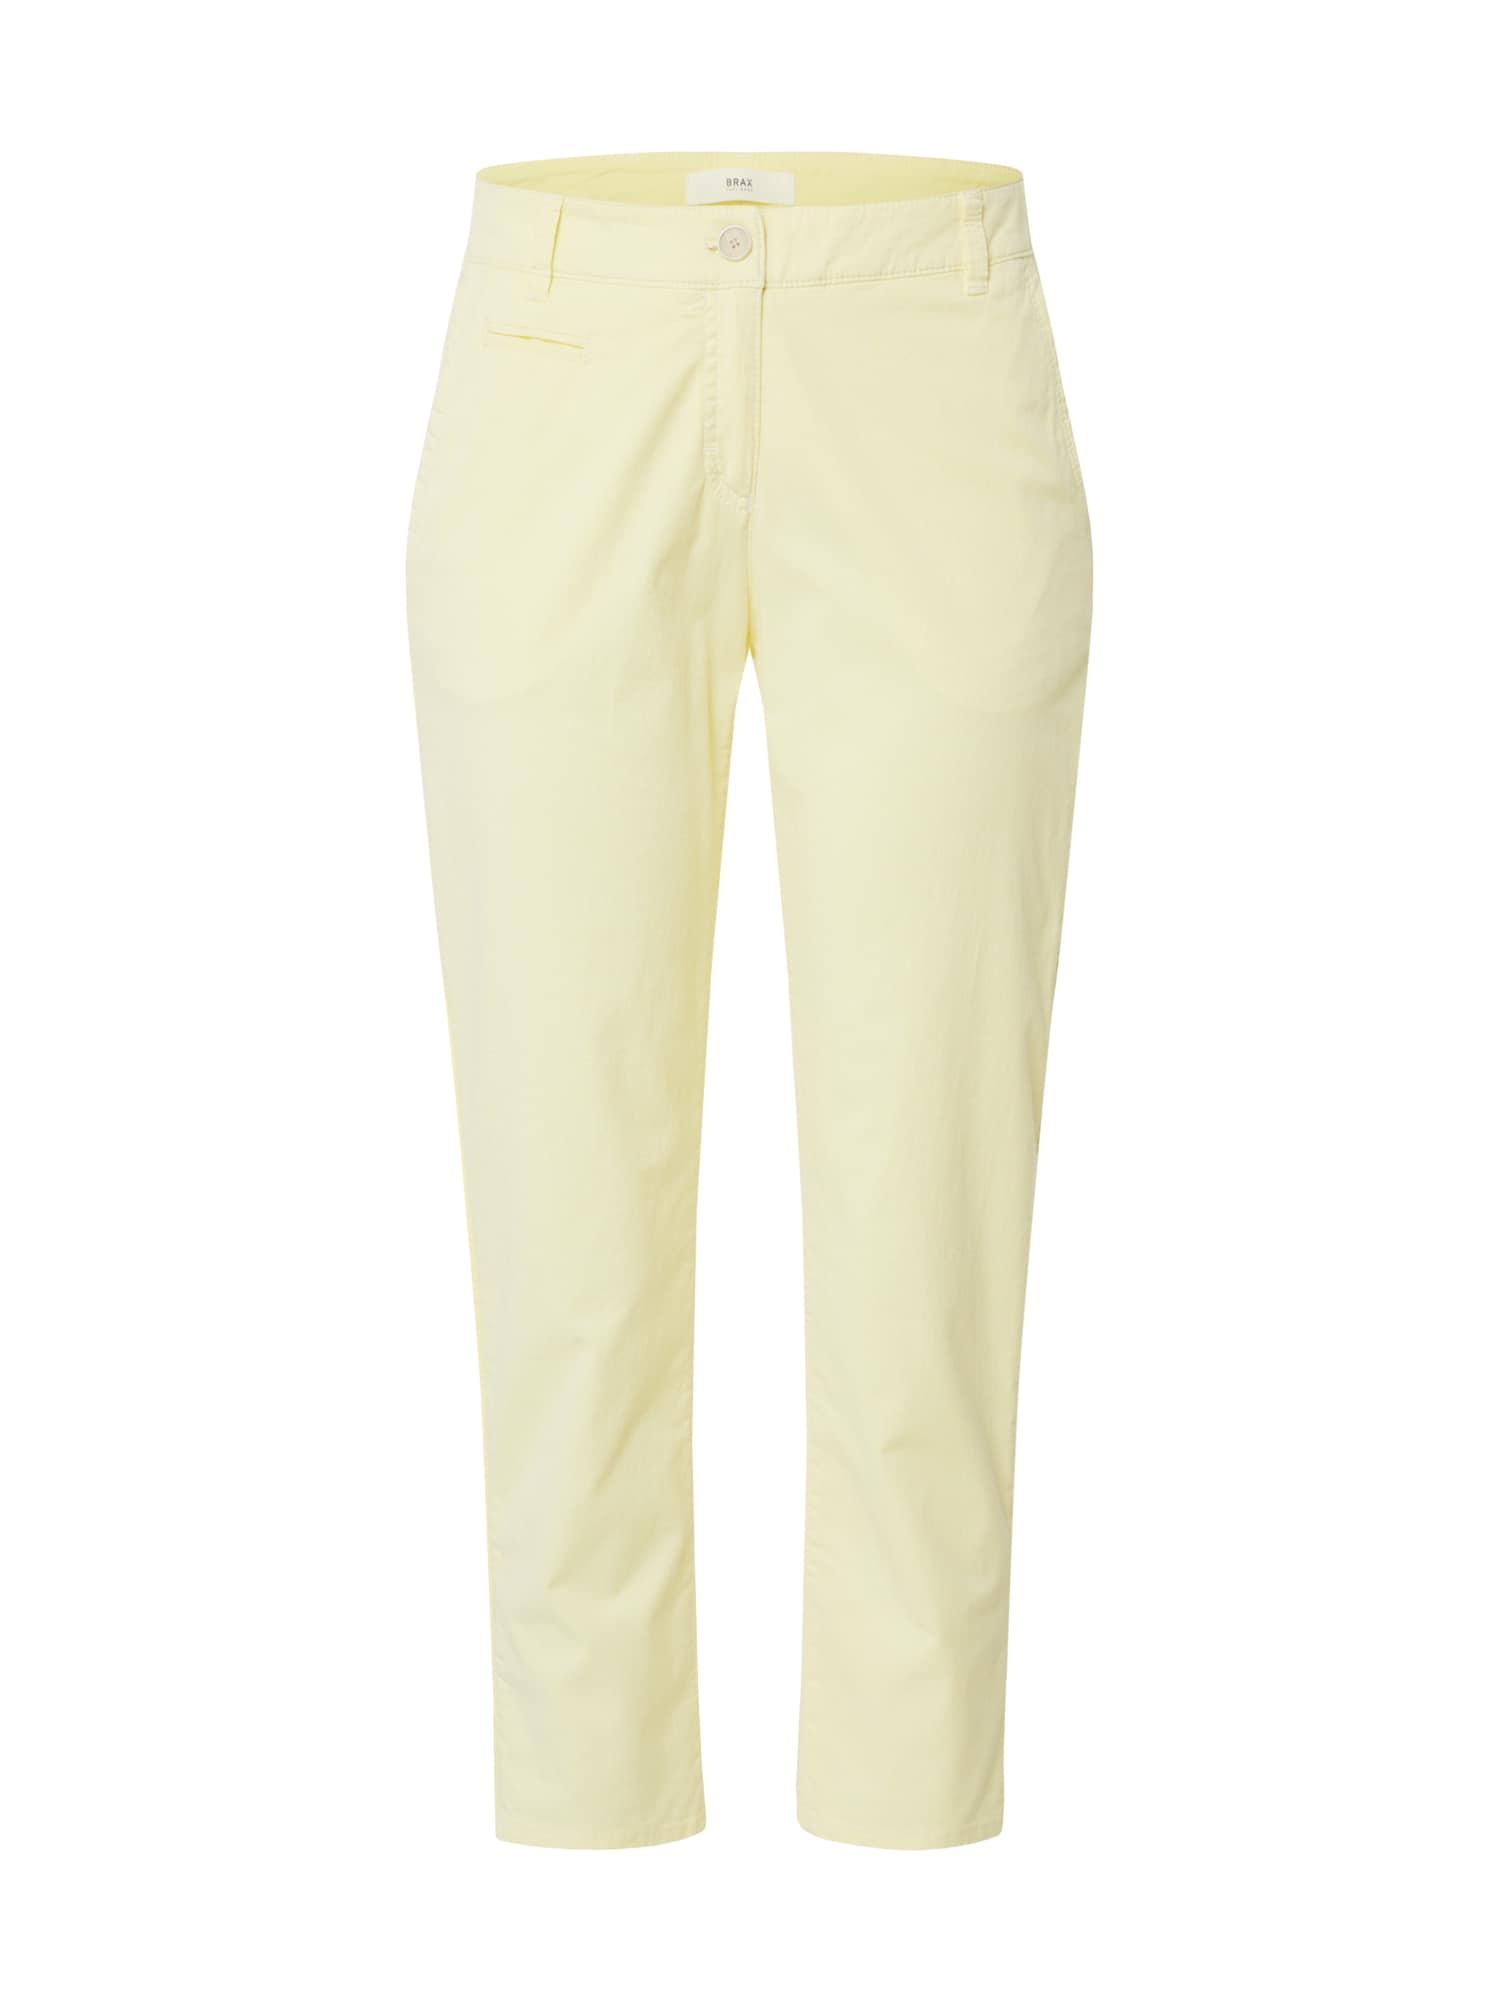 BRAX Chino stiliaus kelnės 'RHONDA S' geltona